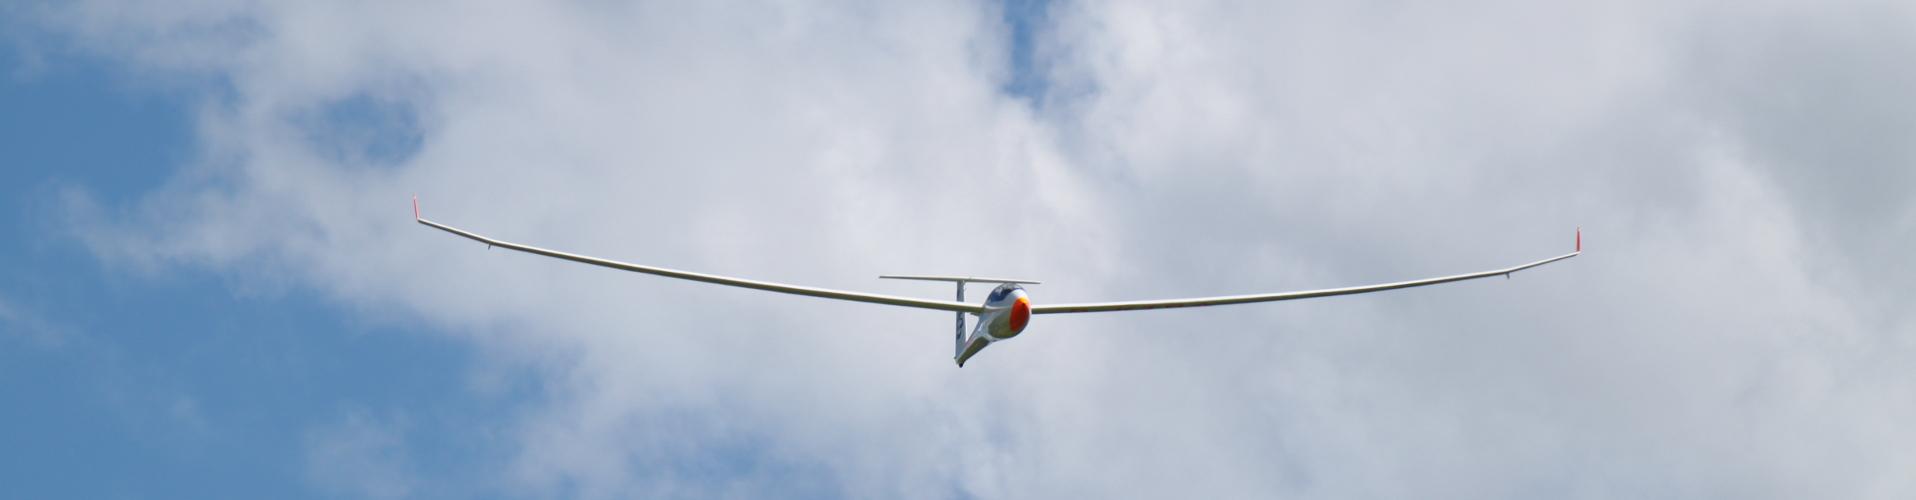 Segelfliegen_1920x500